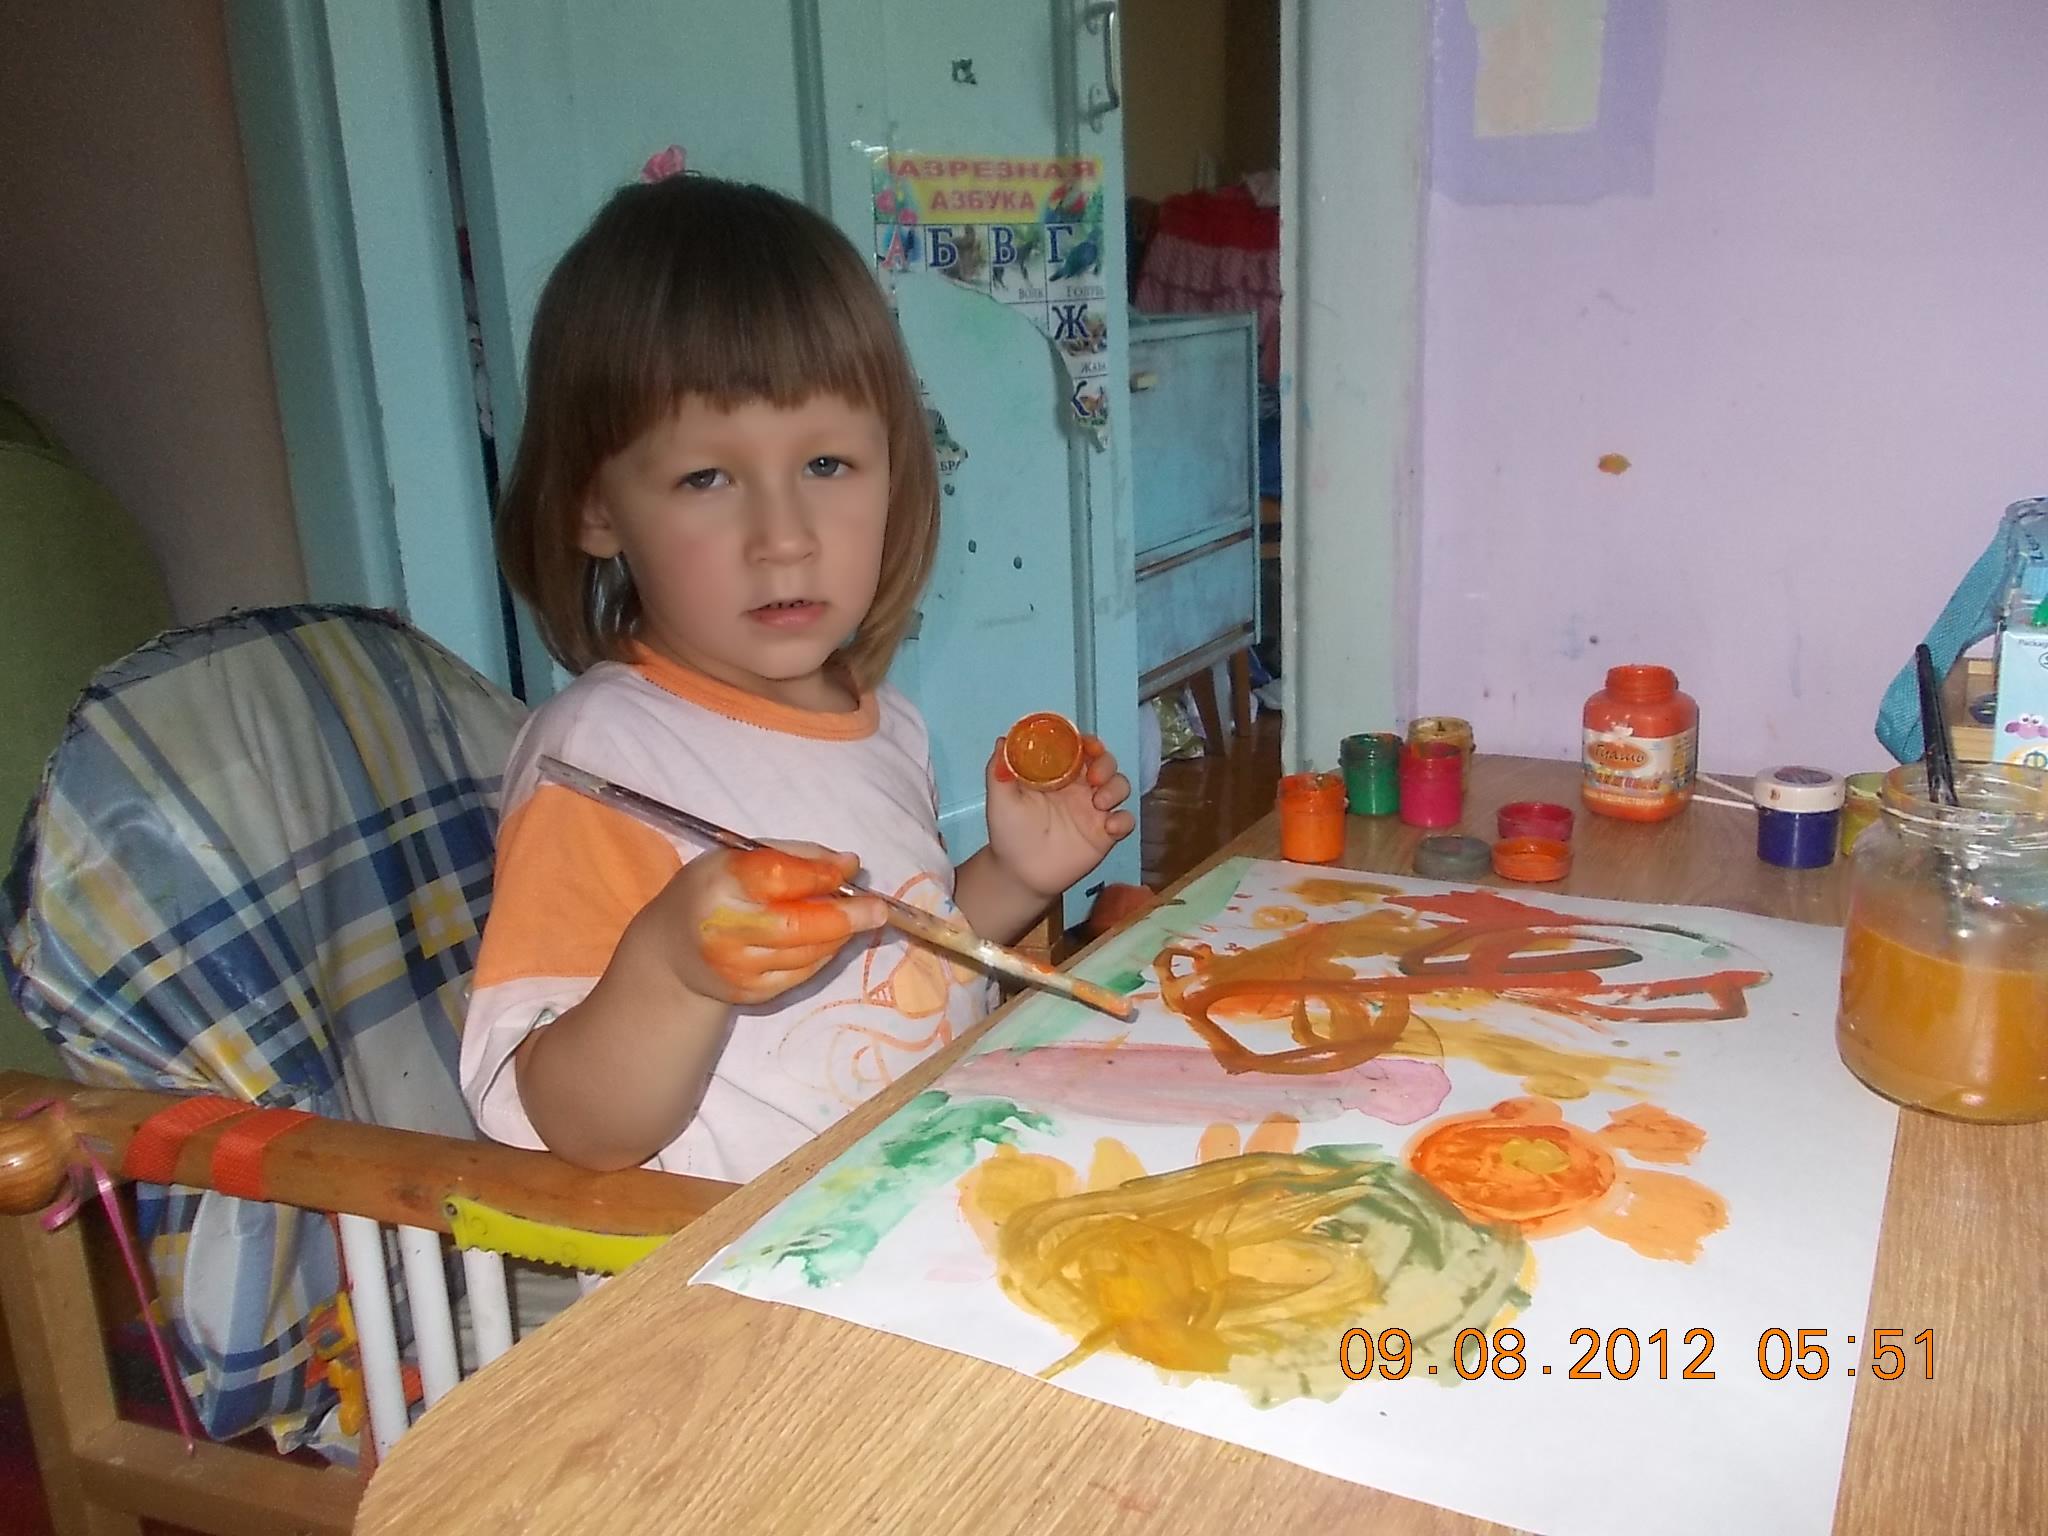 Настенька - живописец.